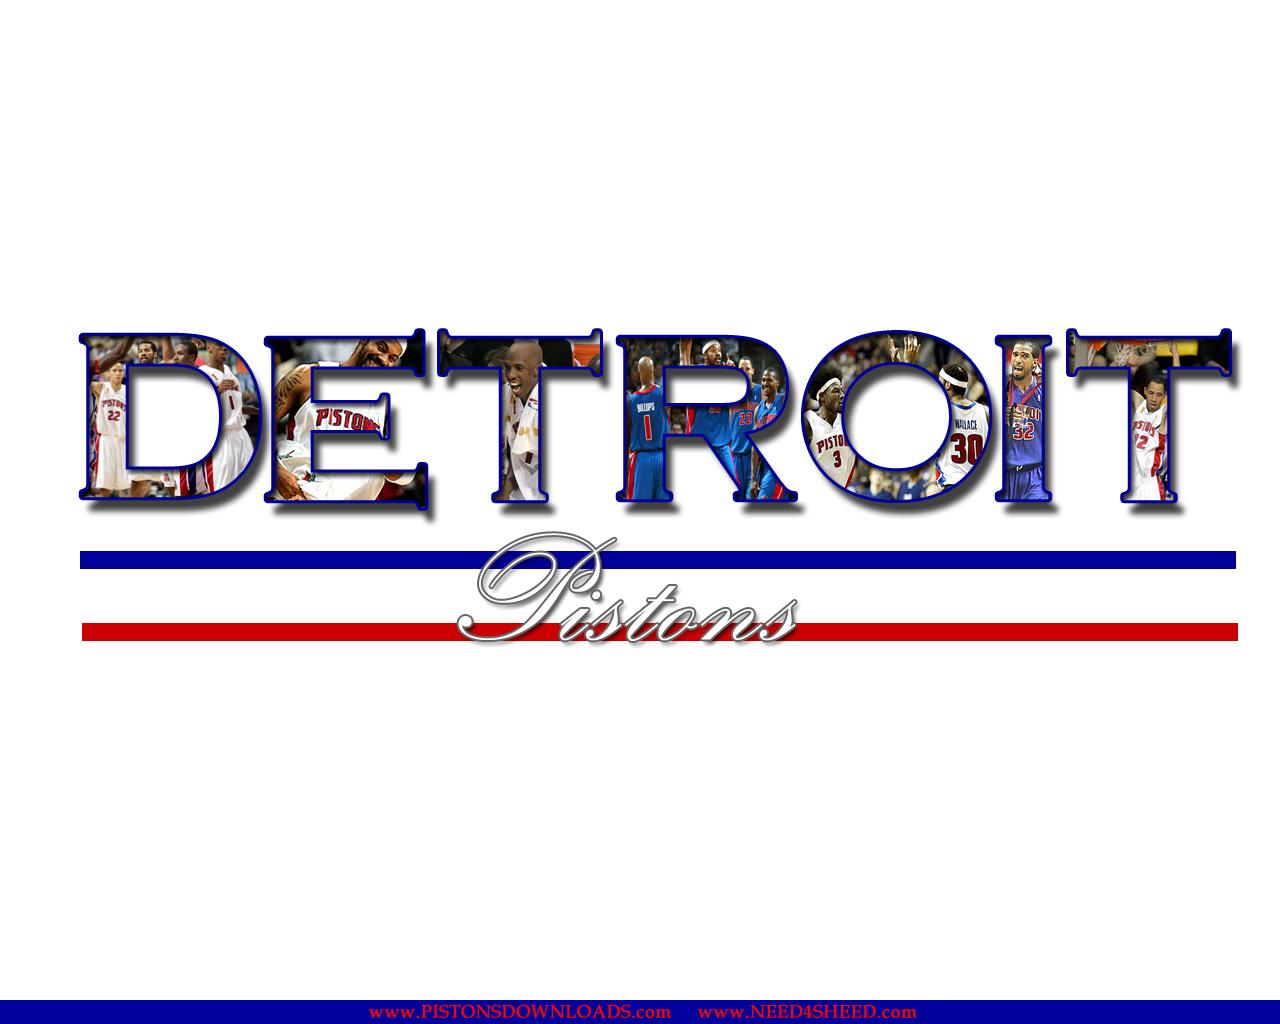 detroittext1280x1024